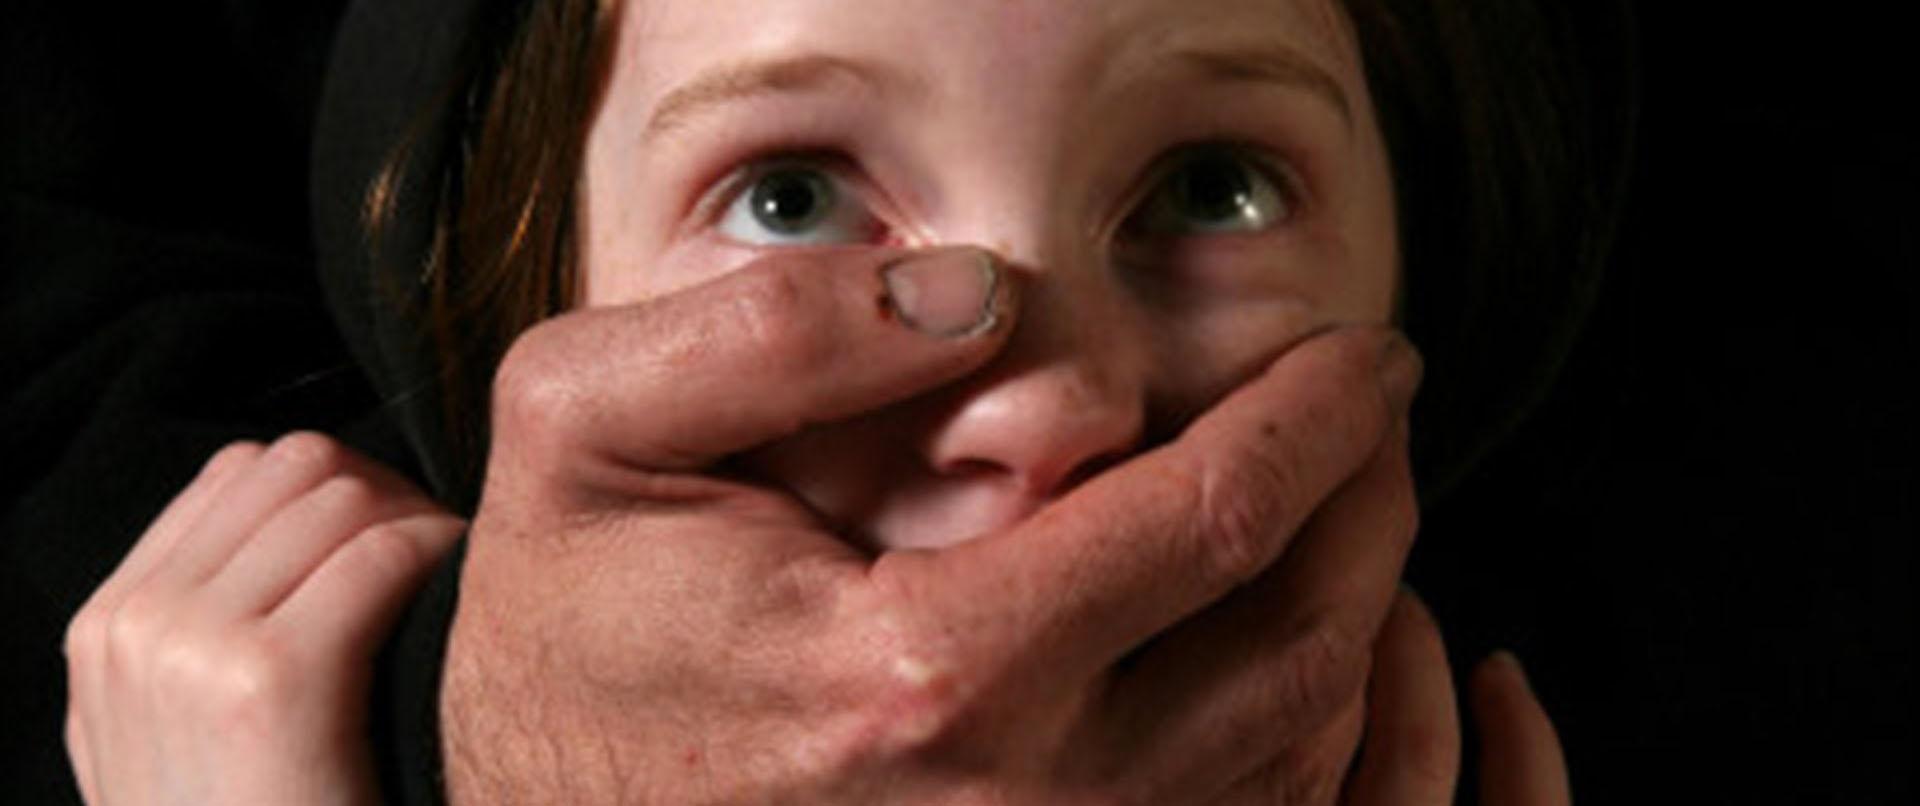 Фото инцеста с отчимом, Инцест фото отец с матерью трахнули дочку на диване 25 фотография